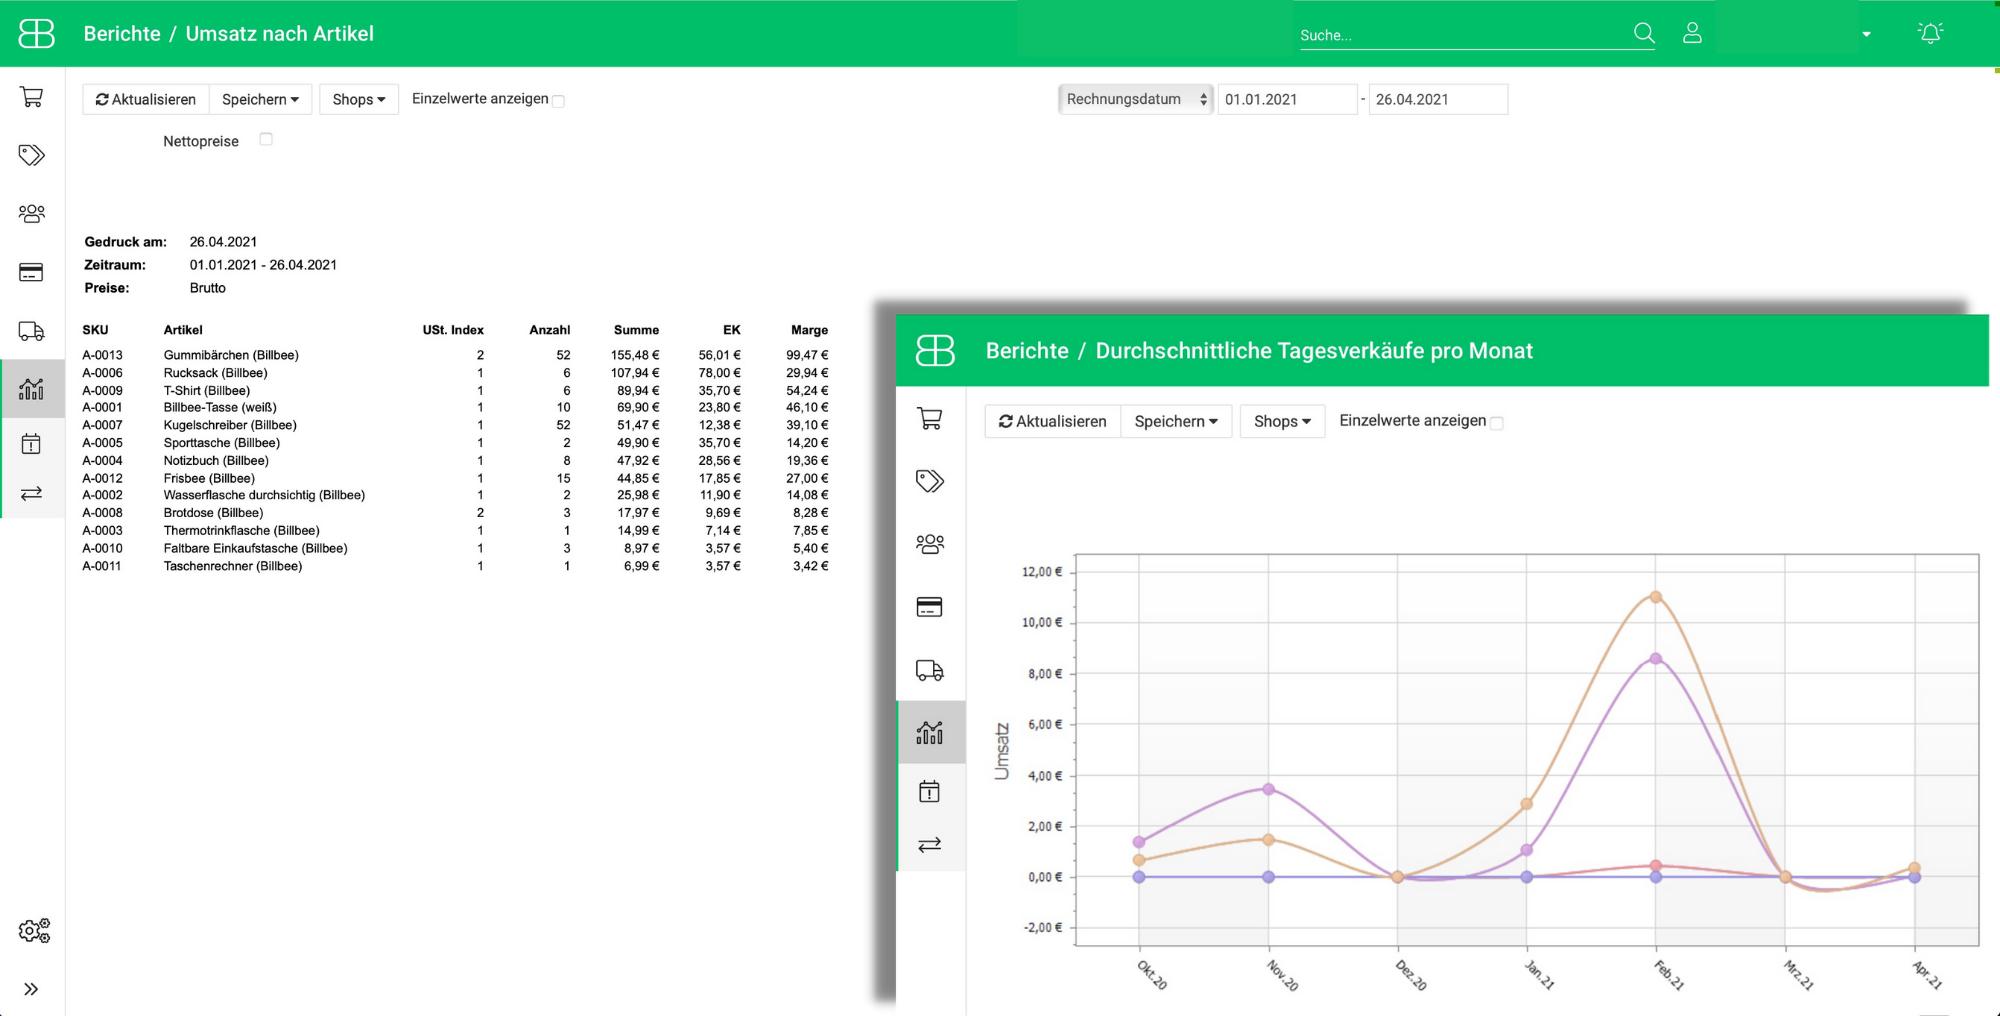 Screenshot aus Billbee Berichte zu Umsätzen und Verkäufen